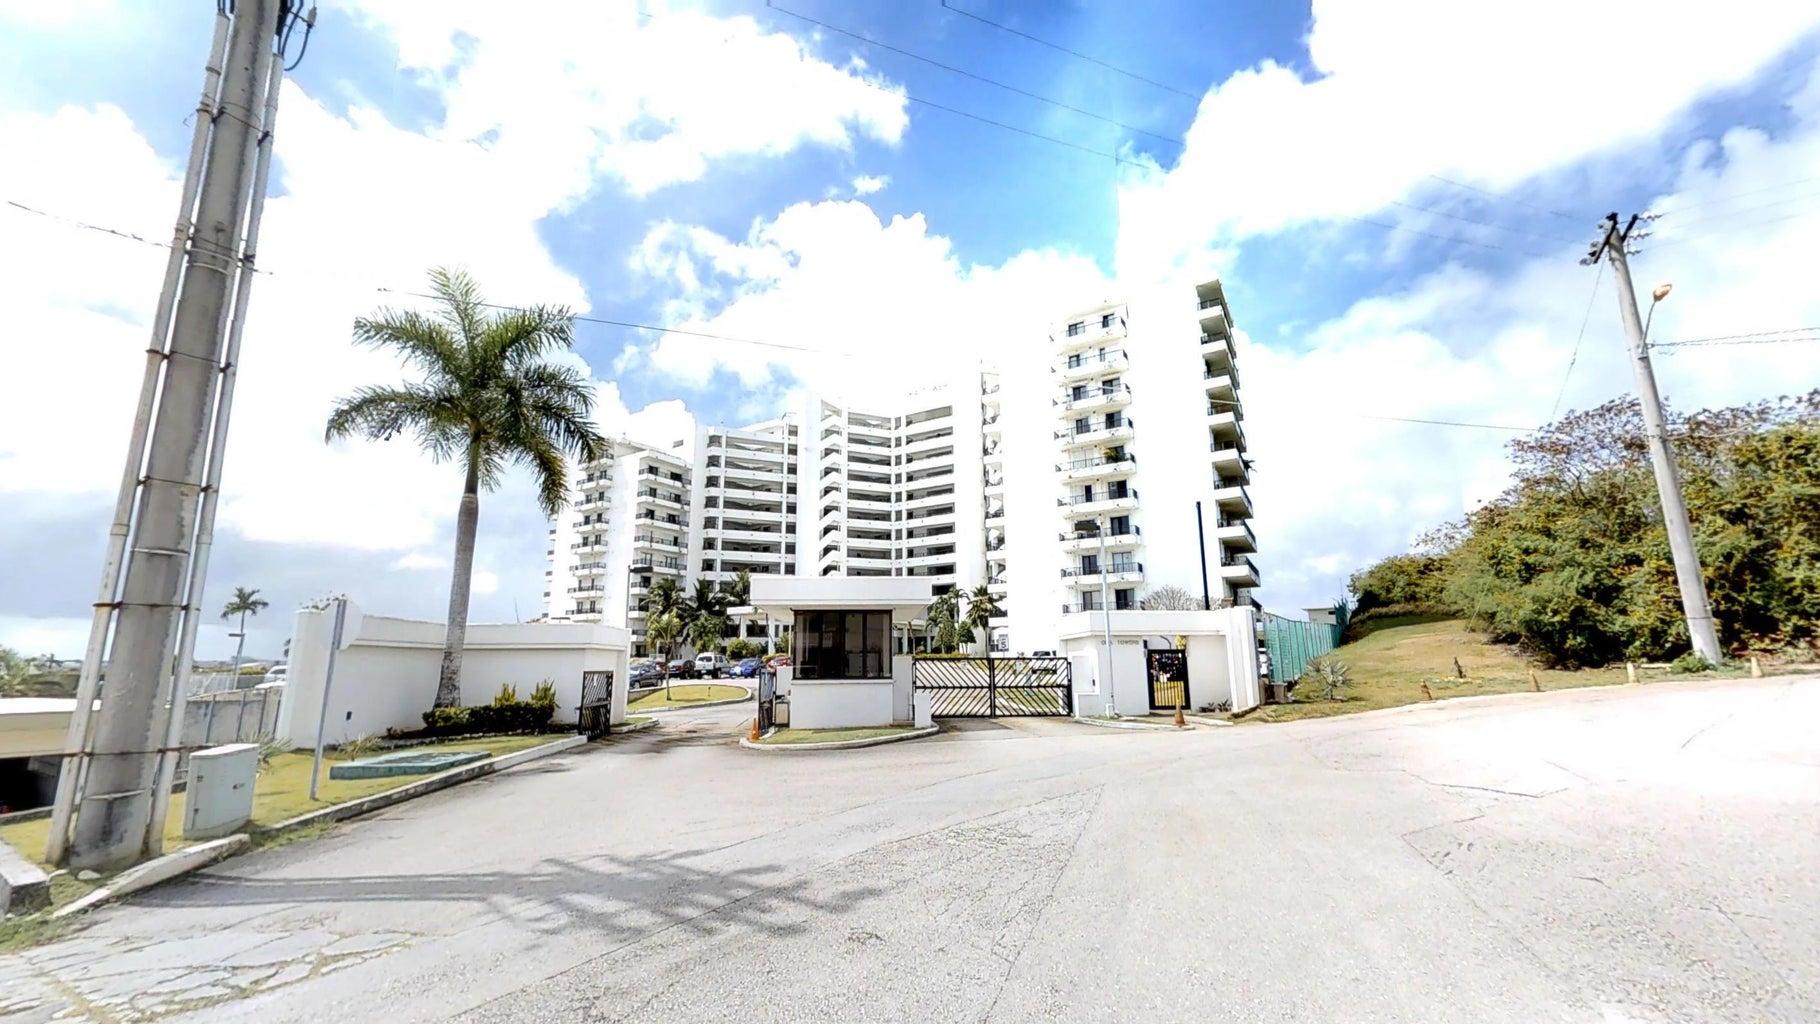 162 Western Boulevard 210, Oka Towers Condo-Tamuning, Tamuning, GU 96913